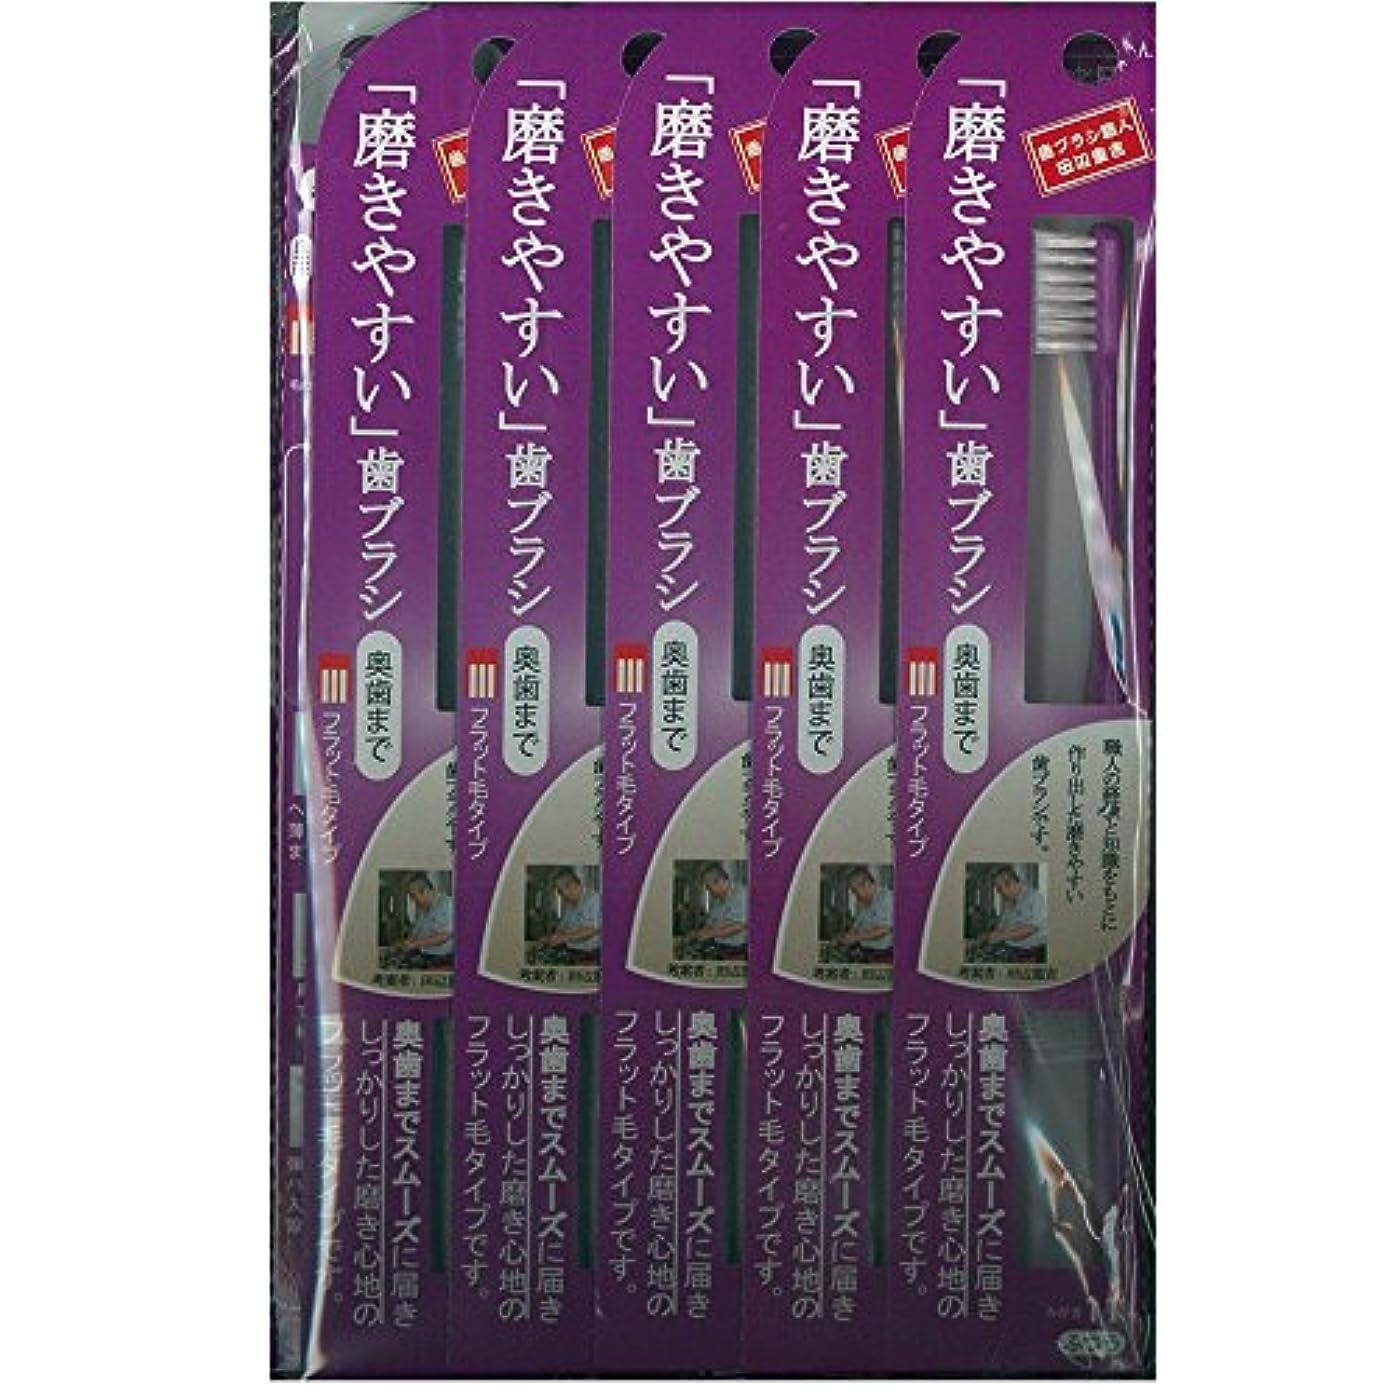 教養がある課す役に立たない磨きやすい歯ブラシ(奥歯まで)フラット LT-11×12本セット( ピンク×4本、ブルー×4本、グリーン×2本、パープル×2本)